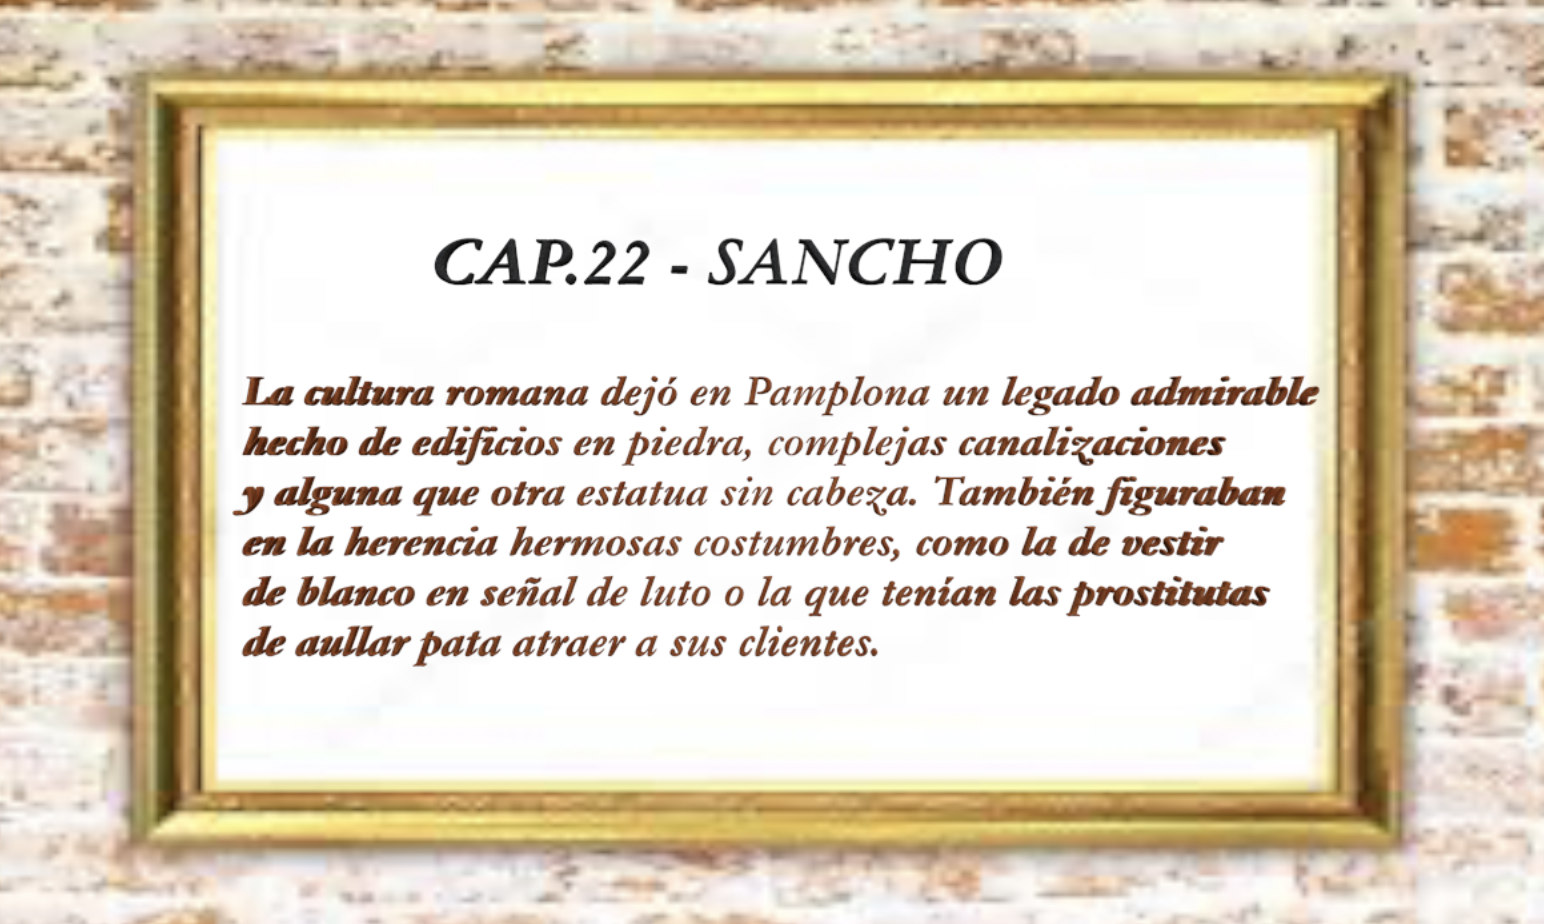 22 sancho 1